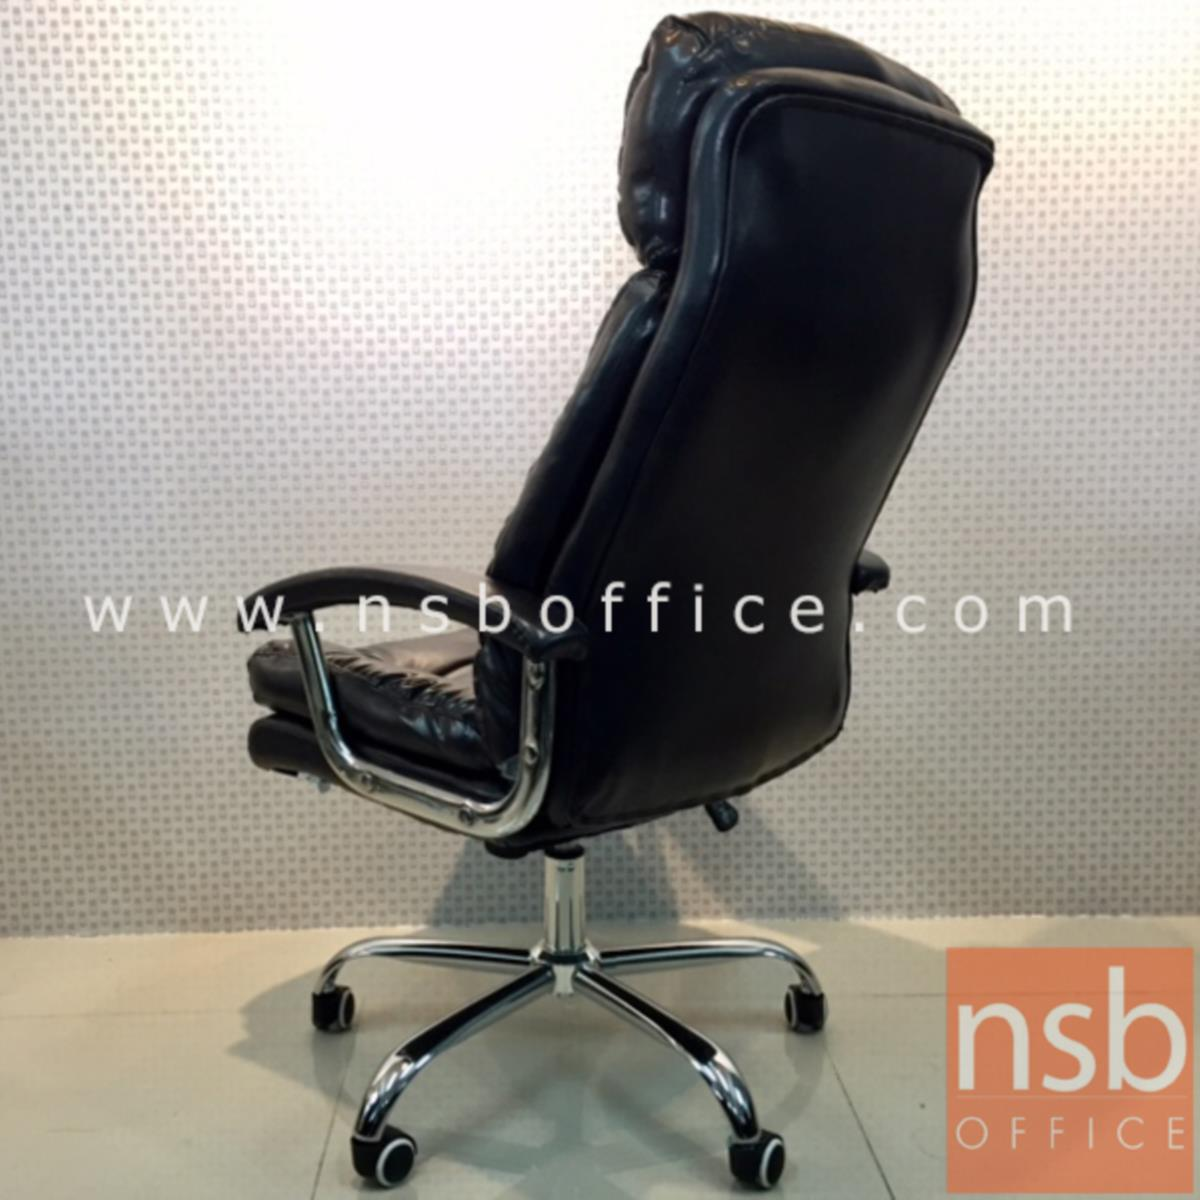 เก้าอี้ผู้บริหาร รุ่น Electra (อีเลกตรา)  โช๊คแก๊ส มีก้อนโยก ขาเหล็กชุบโครเมี่ยม